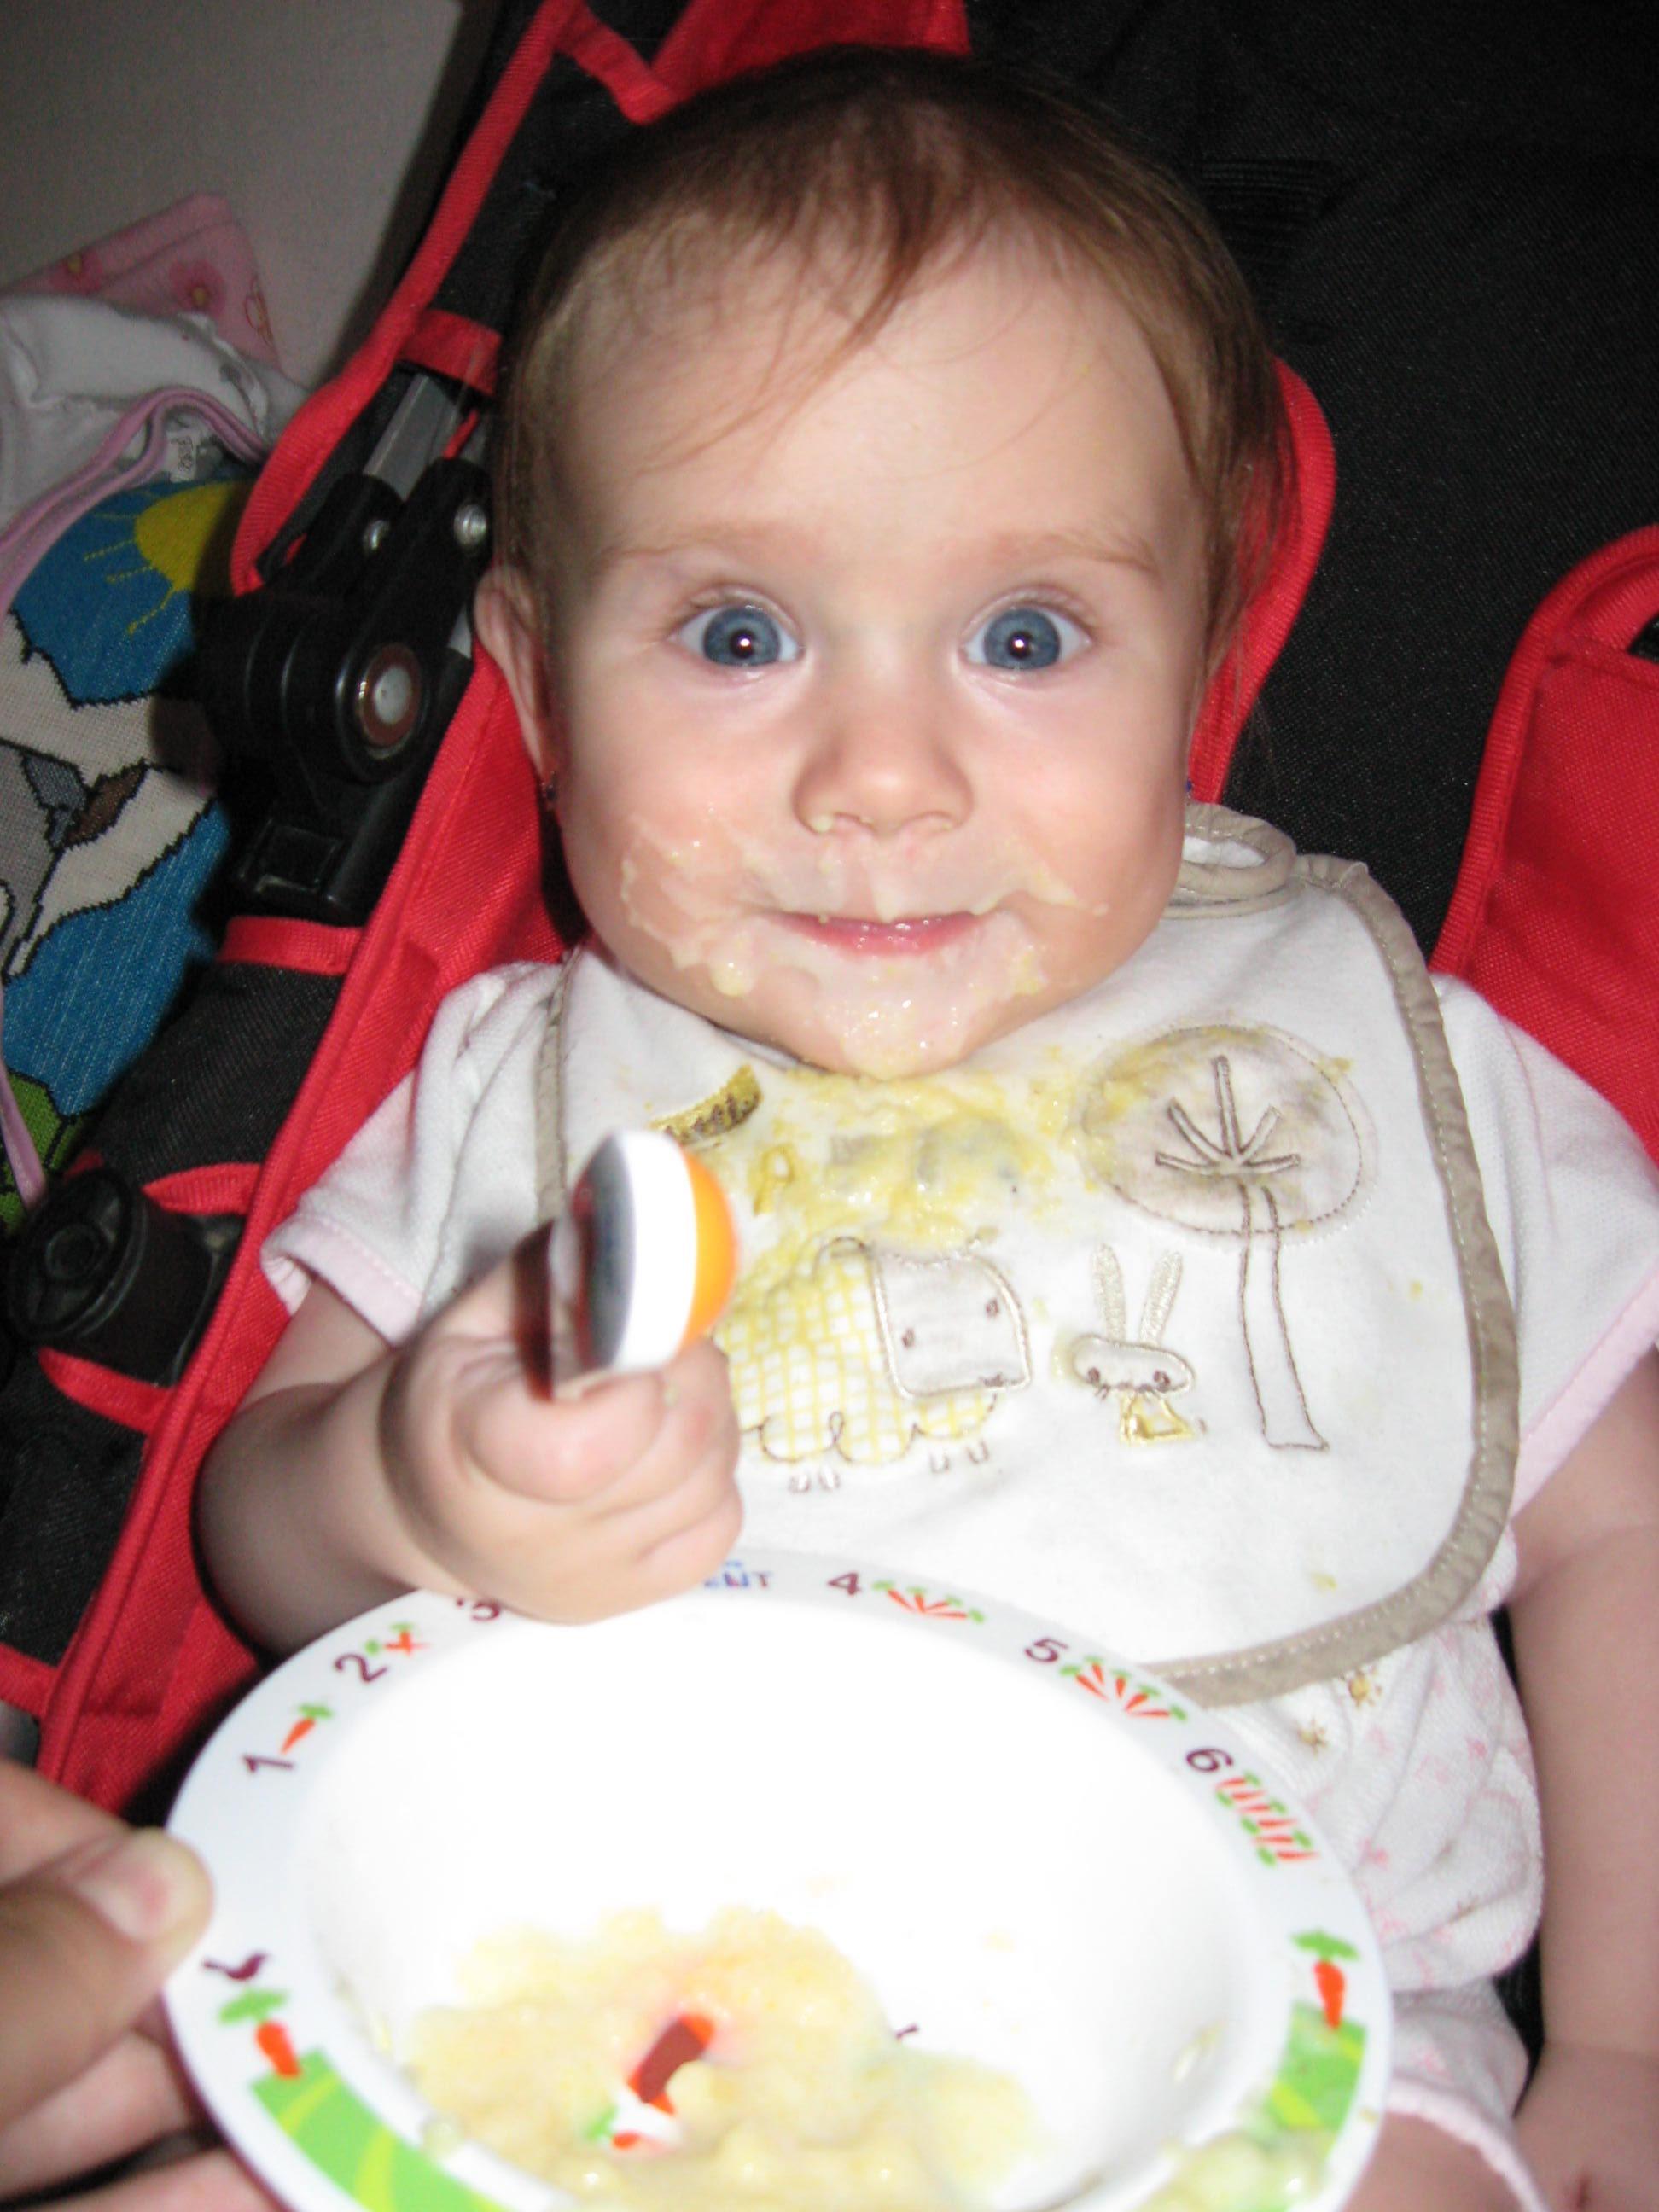 Наша любимая первая кукурузная каша!. Ложечку за маму, ложечку за папу...